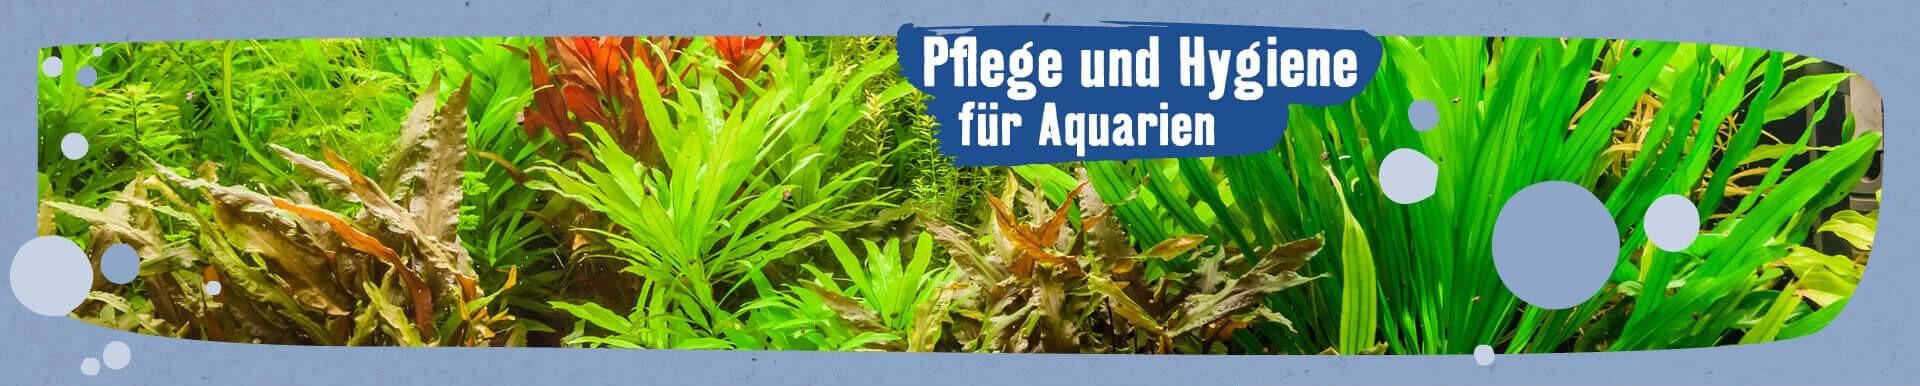 Pflege und Hygiene für Aquarien